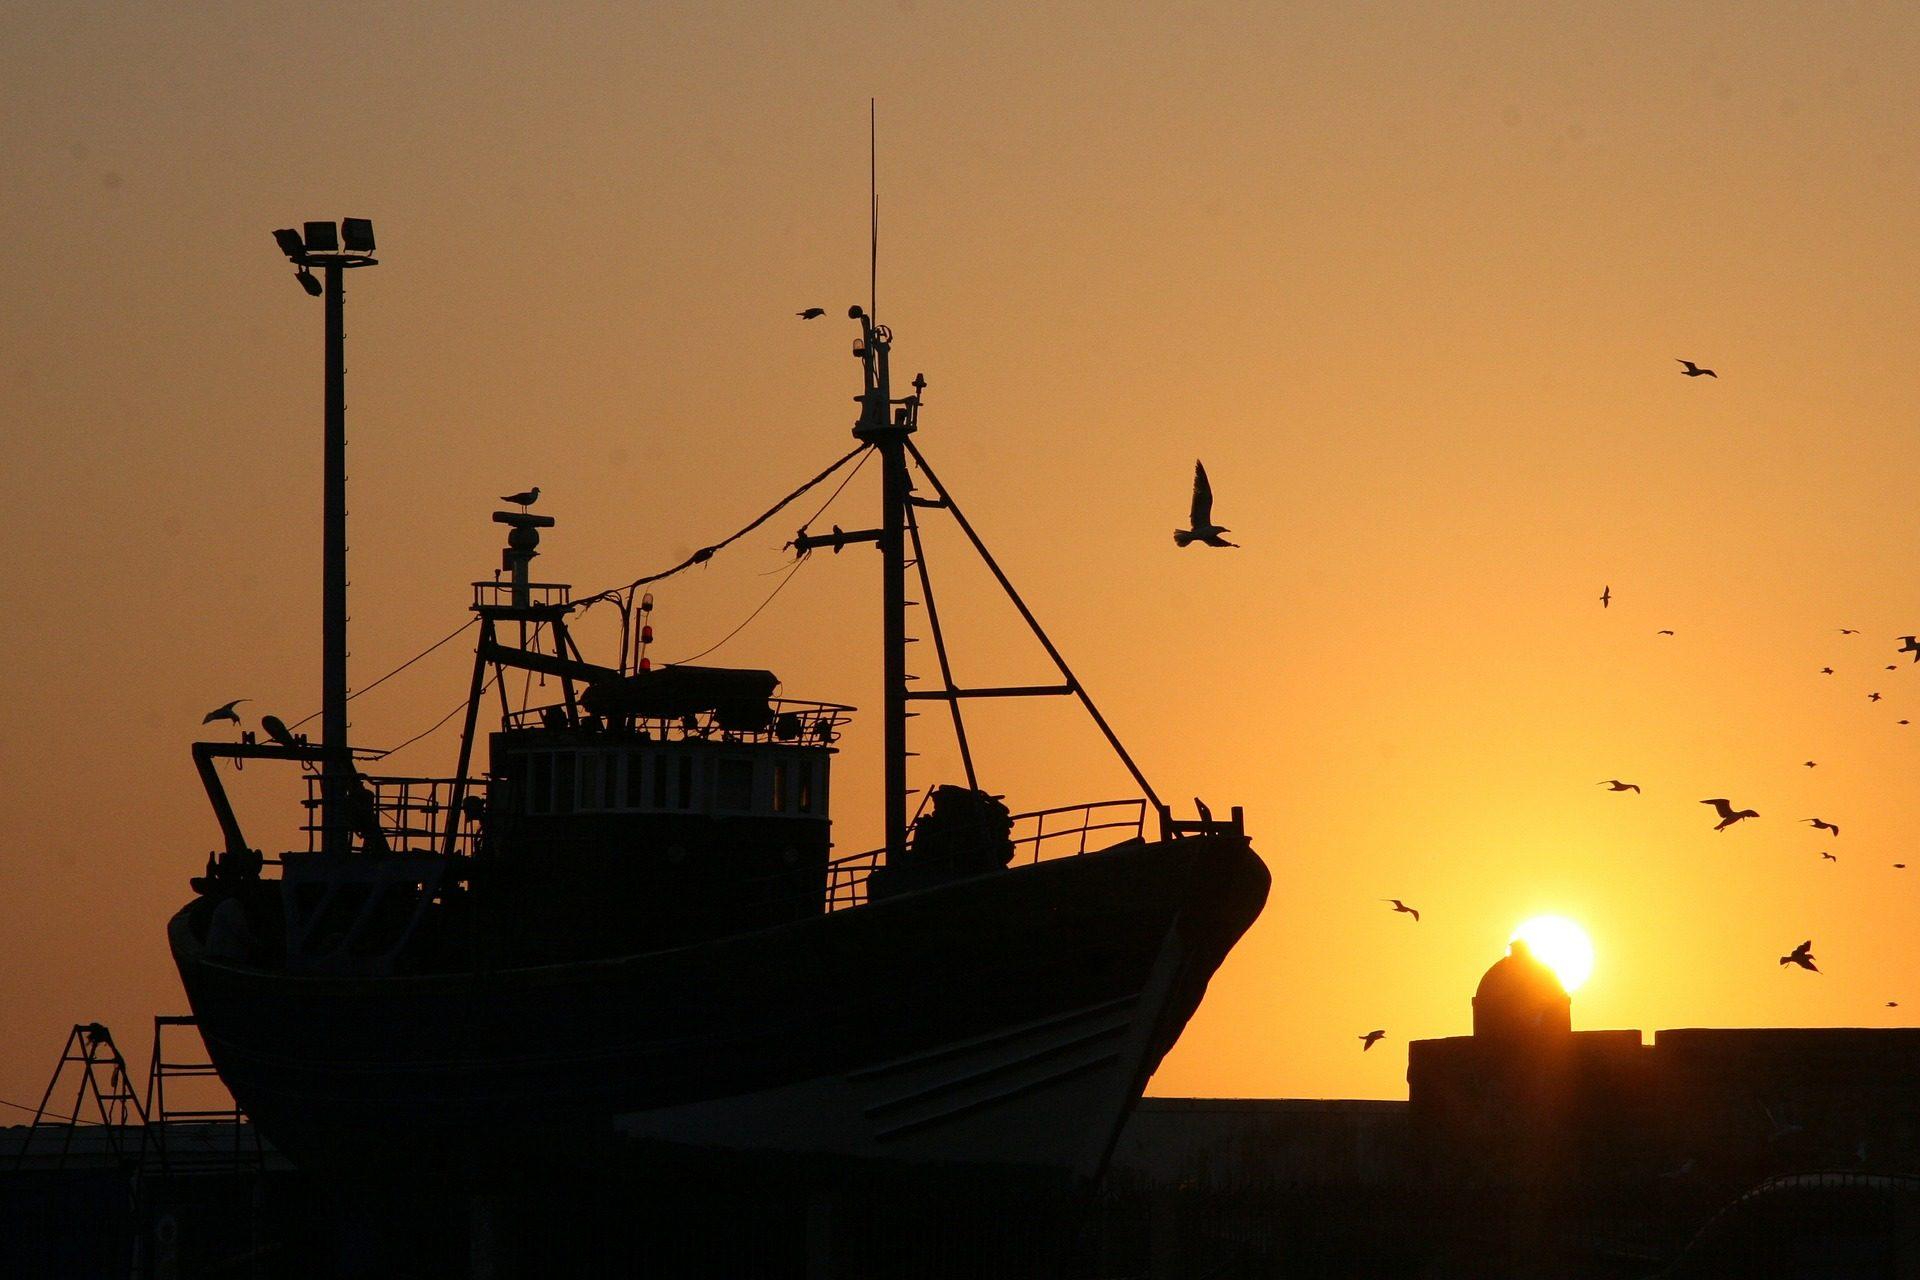 barco, pesquero, pesca, gaviotas, atardecer, mar, siluetas - Fondos de Pantalla HD - professor-falken.com